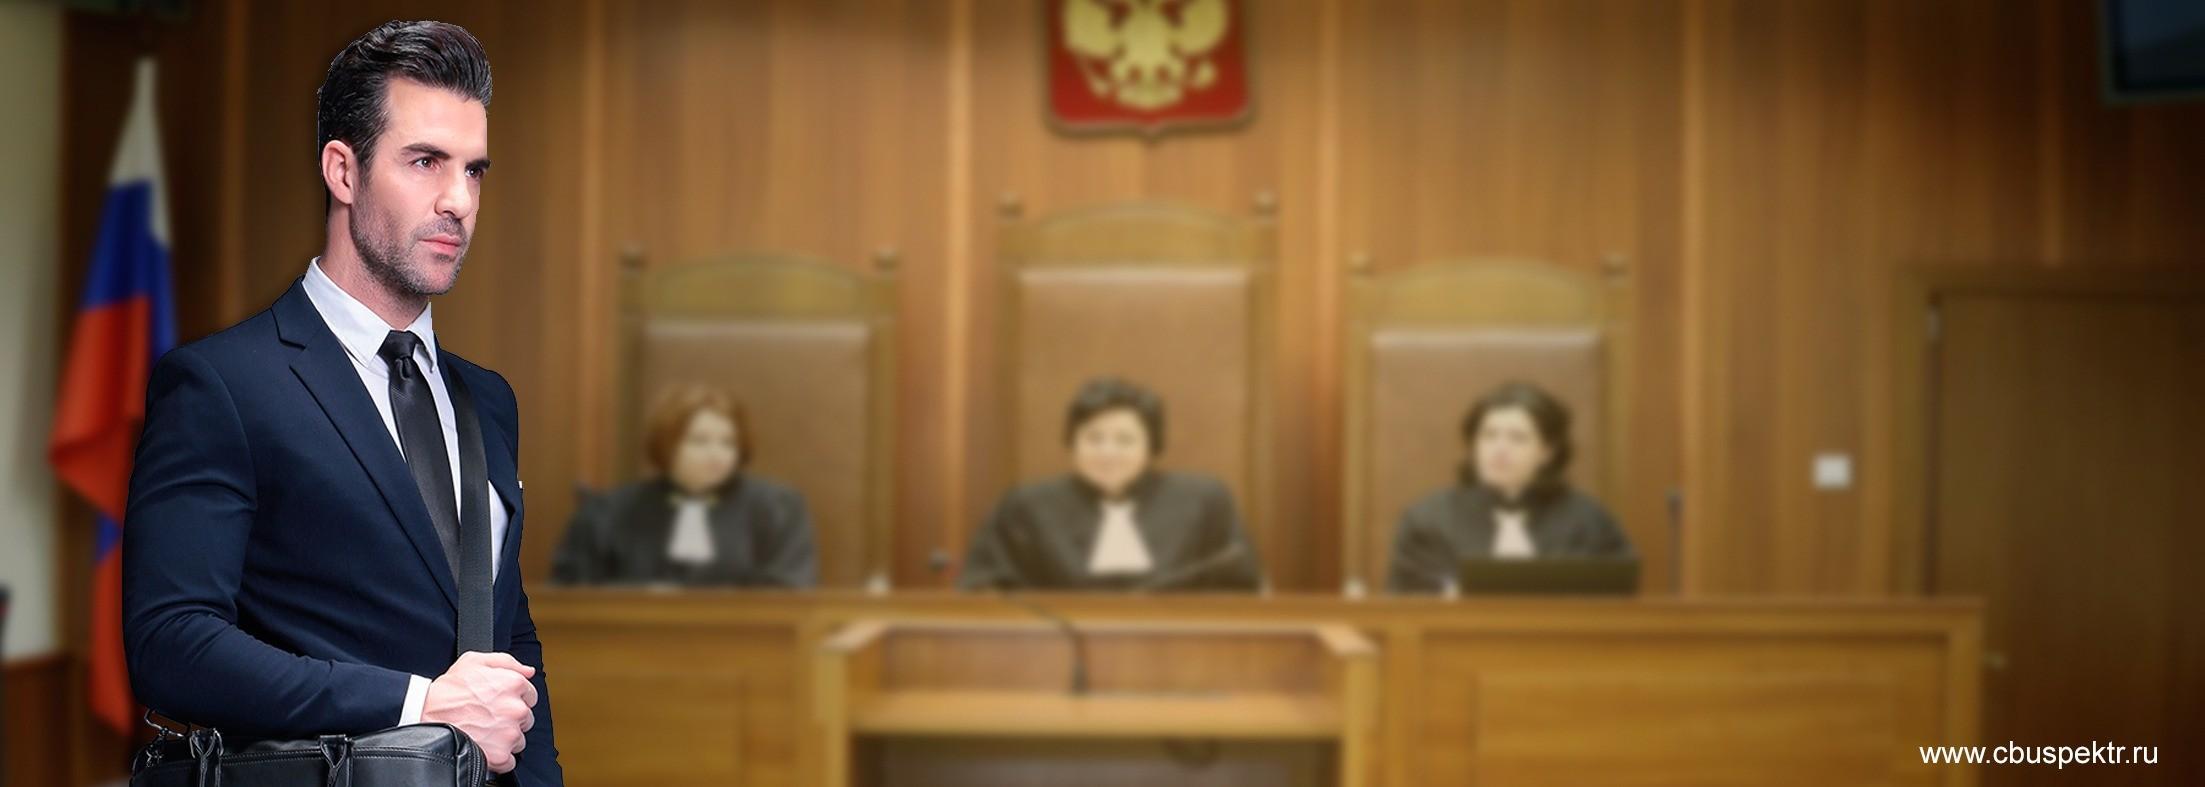 Адвокат в зале суда